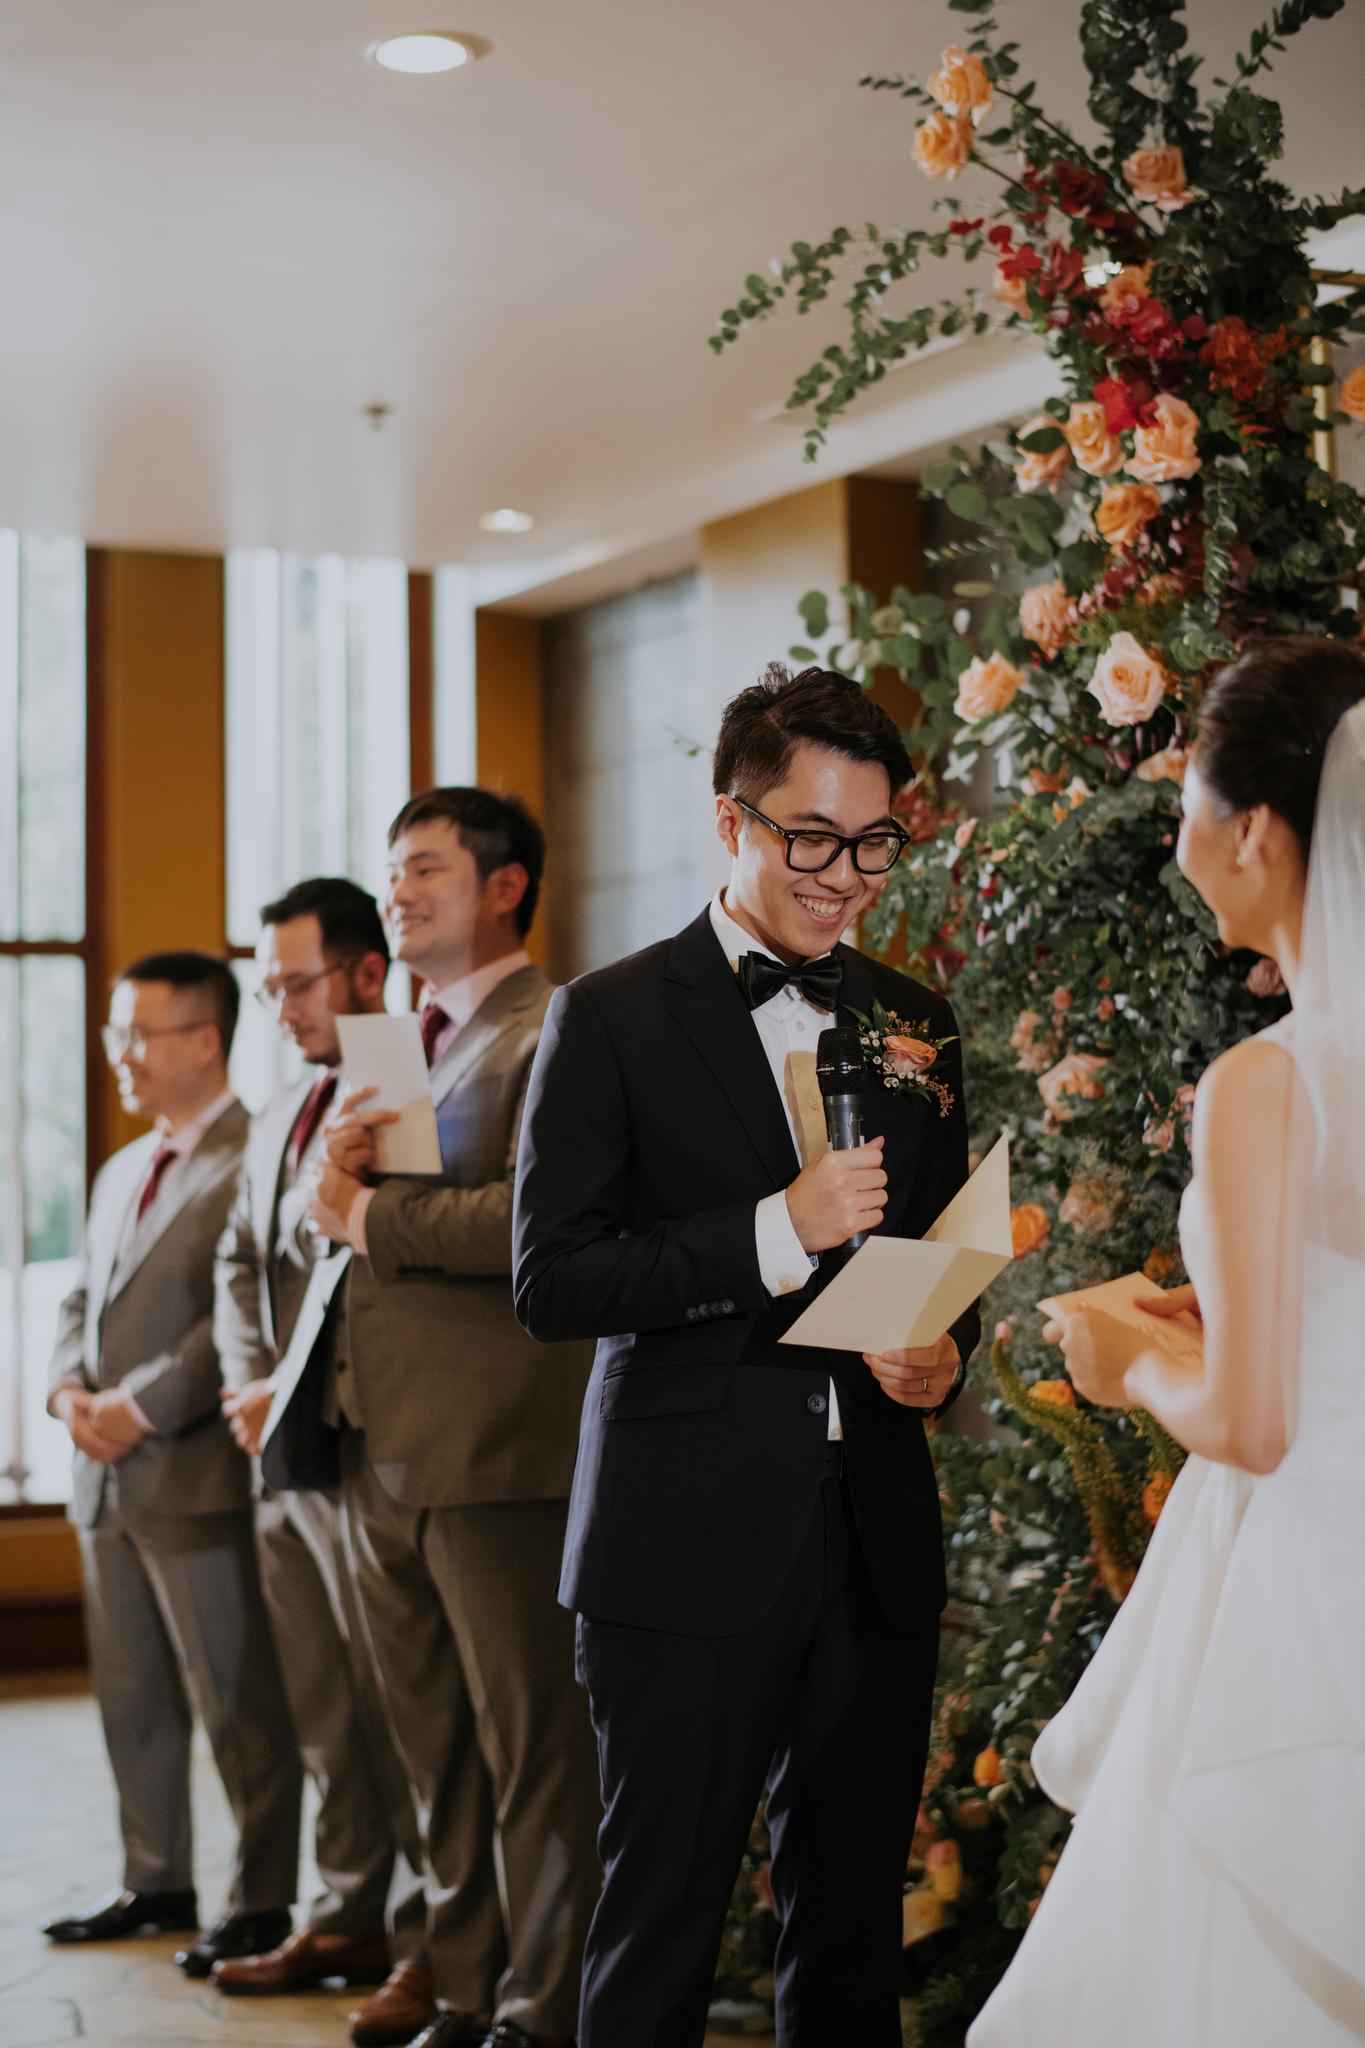 https://huk.s3.amazonaws.com/uploads/image/source/1409/Phuong-Diep-HN-Ceremony-1-0487.JPG